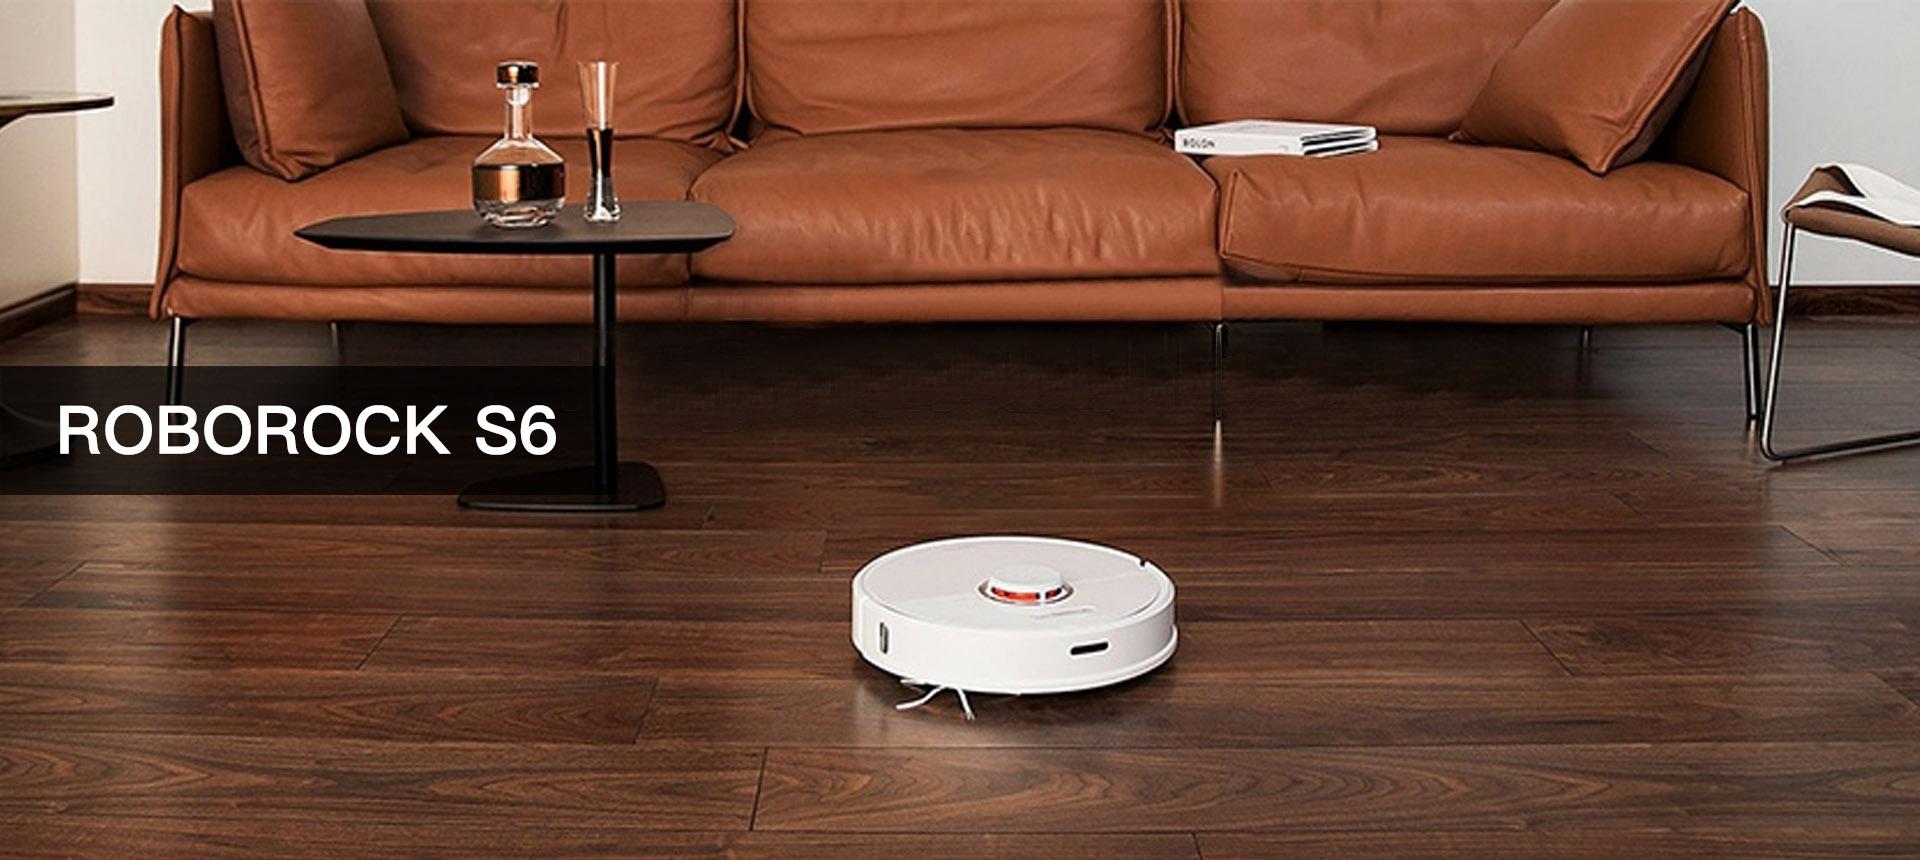 Roborock S6 Robot Vacuum, Robotic Vacuum Cleaner